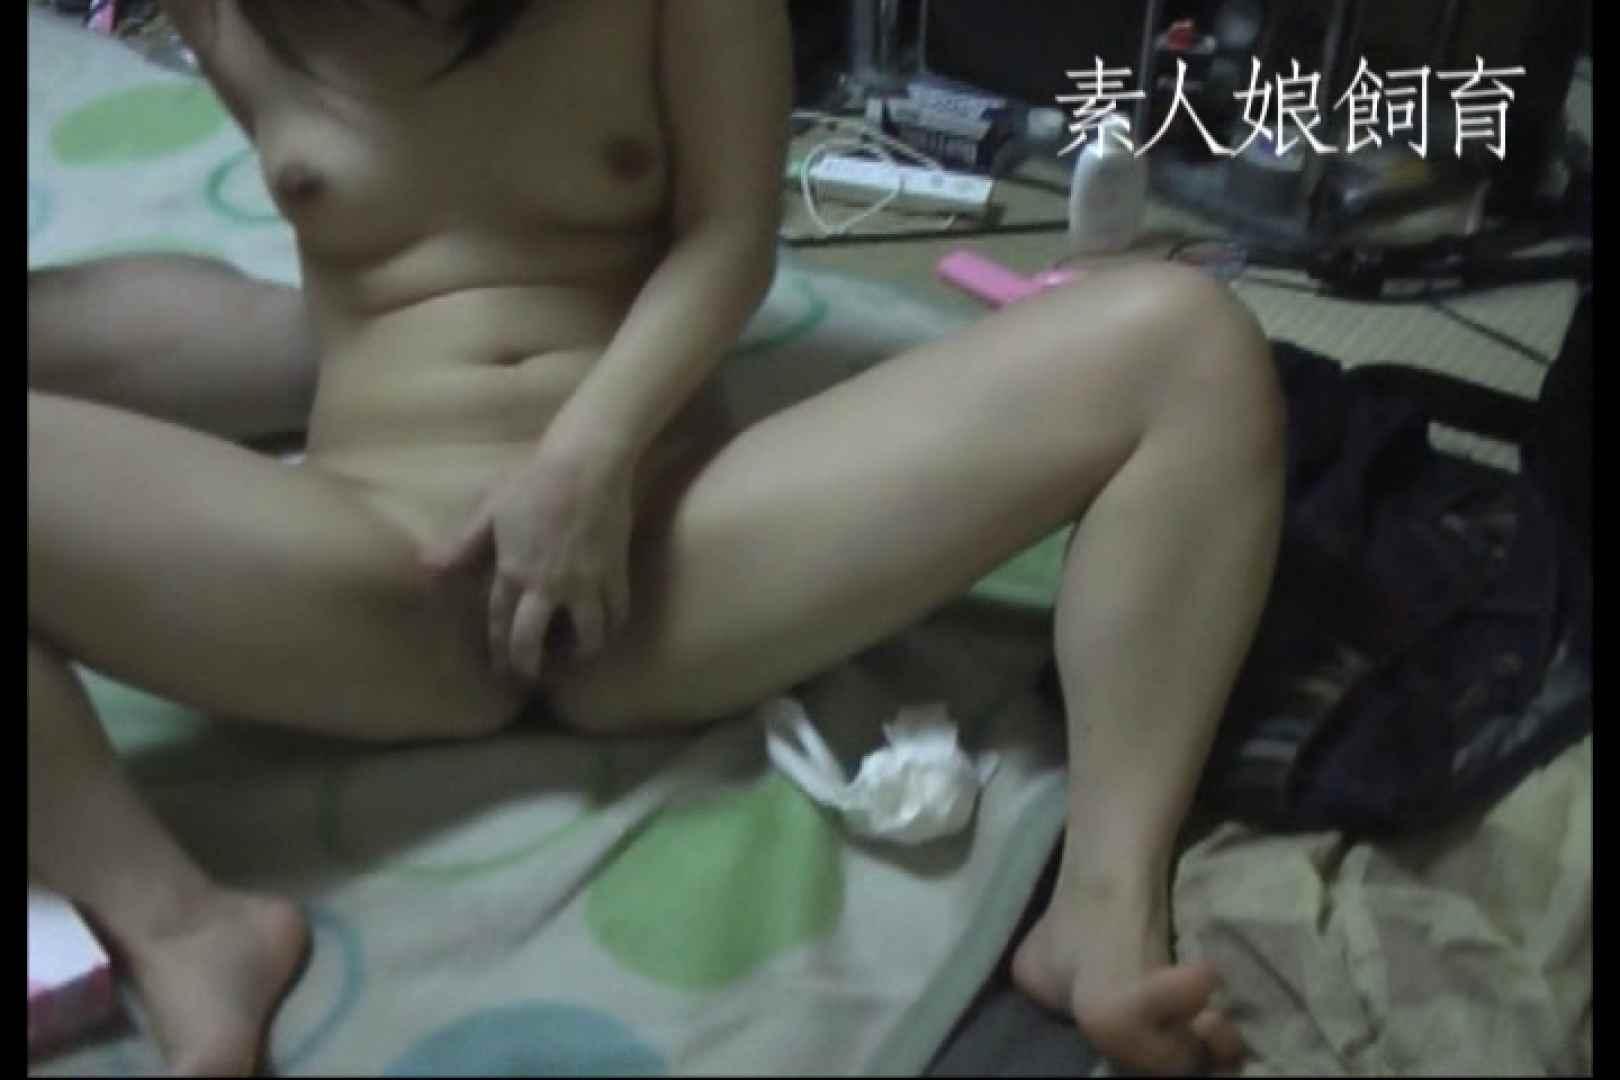 素人娘飼育~お前の餌は他人棒~フェラ&アナル舐め最後は中出し 中出し 性交動画流出 49pic 49